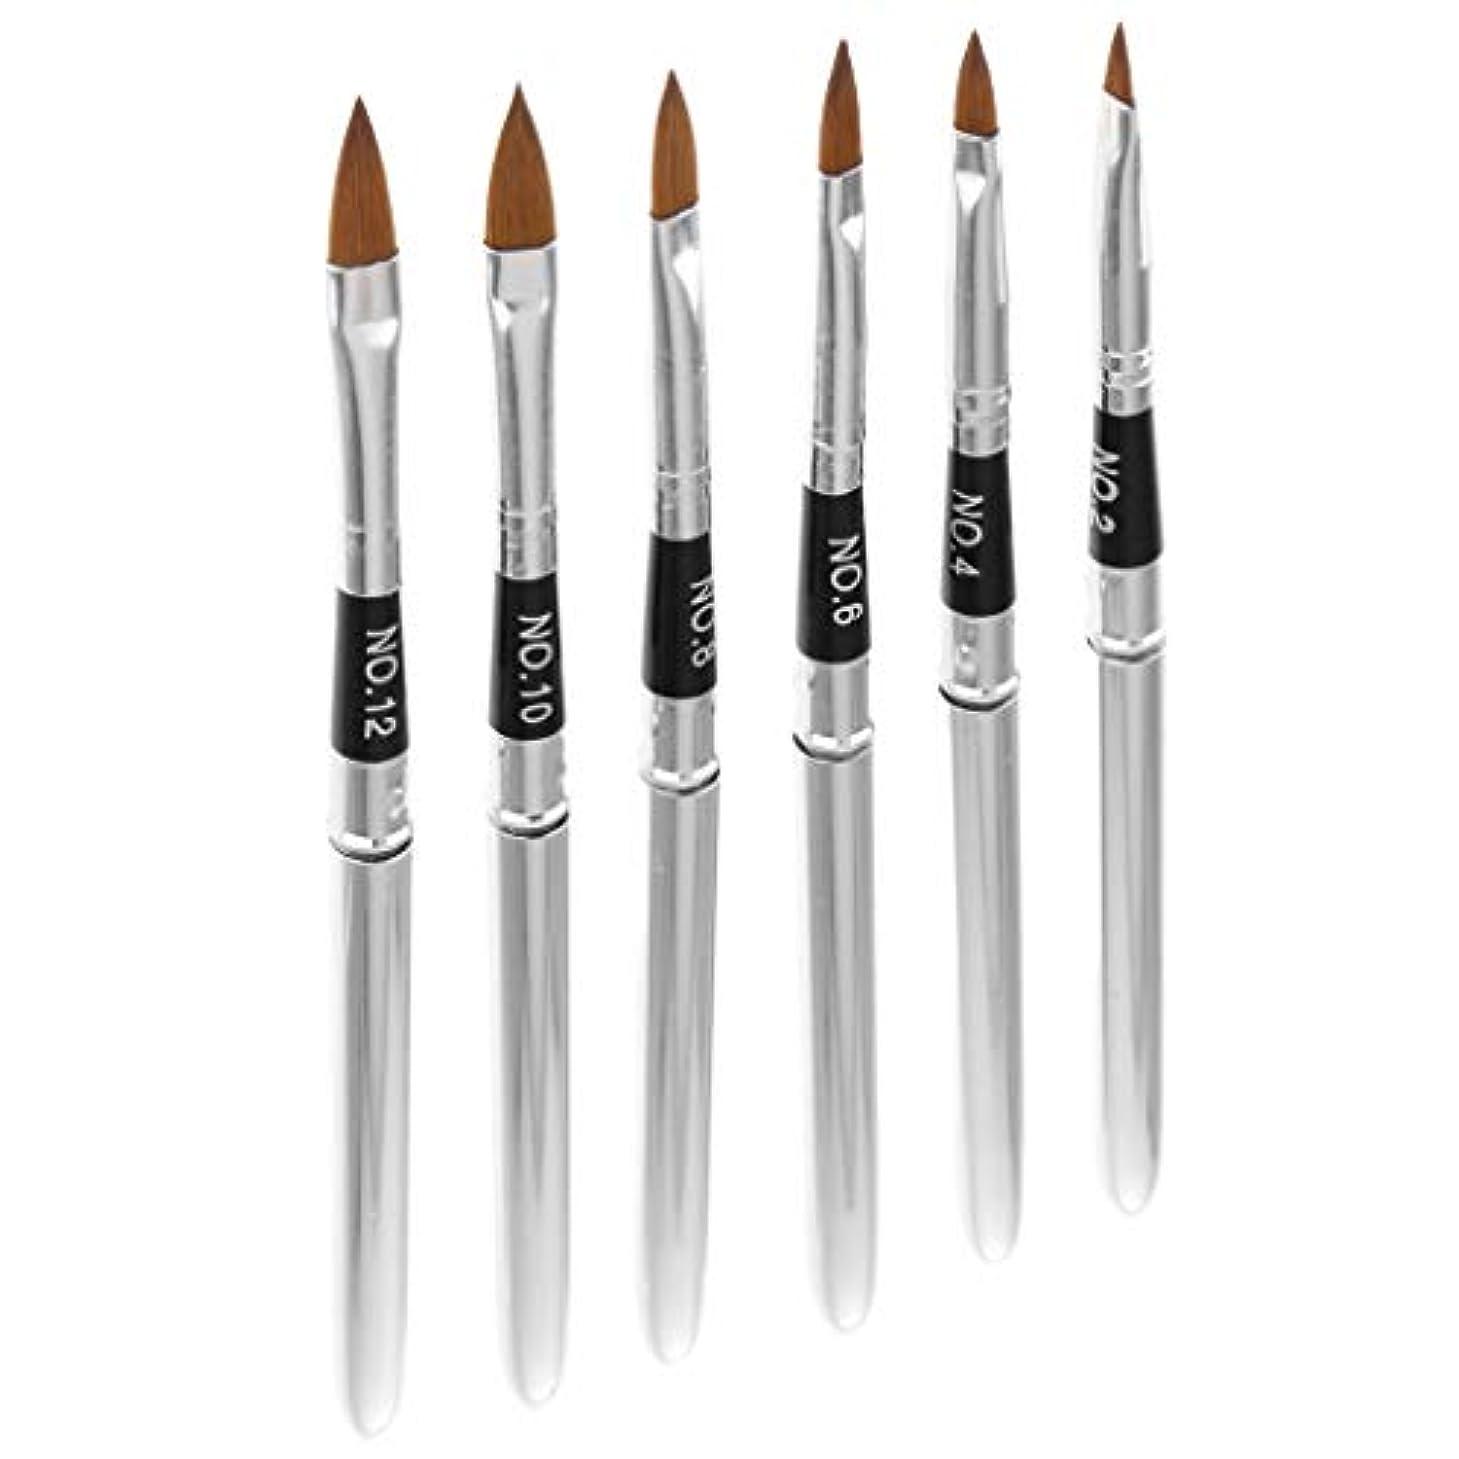 品ハーネスマリンDYNWAVE ネイルアートペン ペンブラシ ネイルブラシ 3D 絵画ペン ネイルデザイン ツール 6個入り